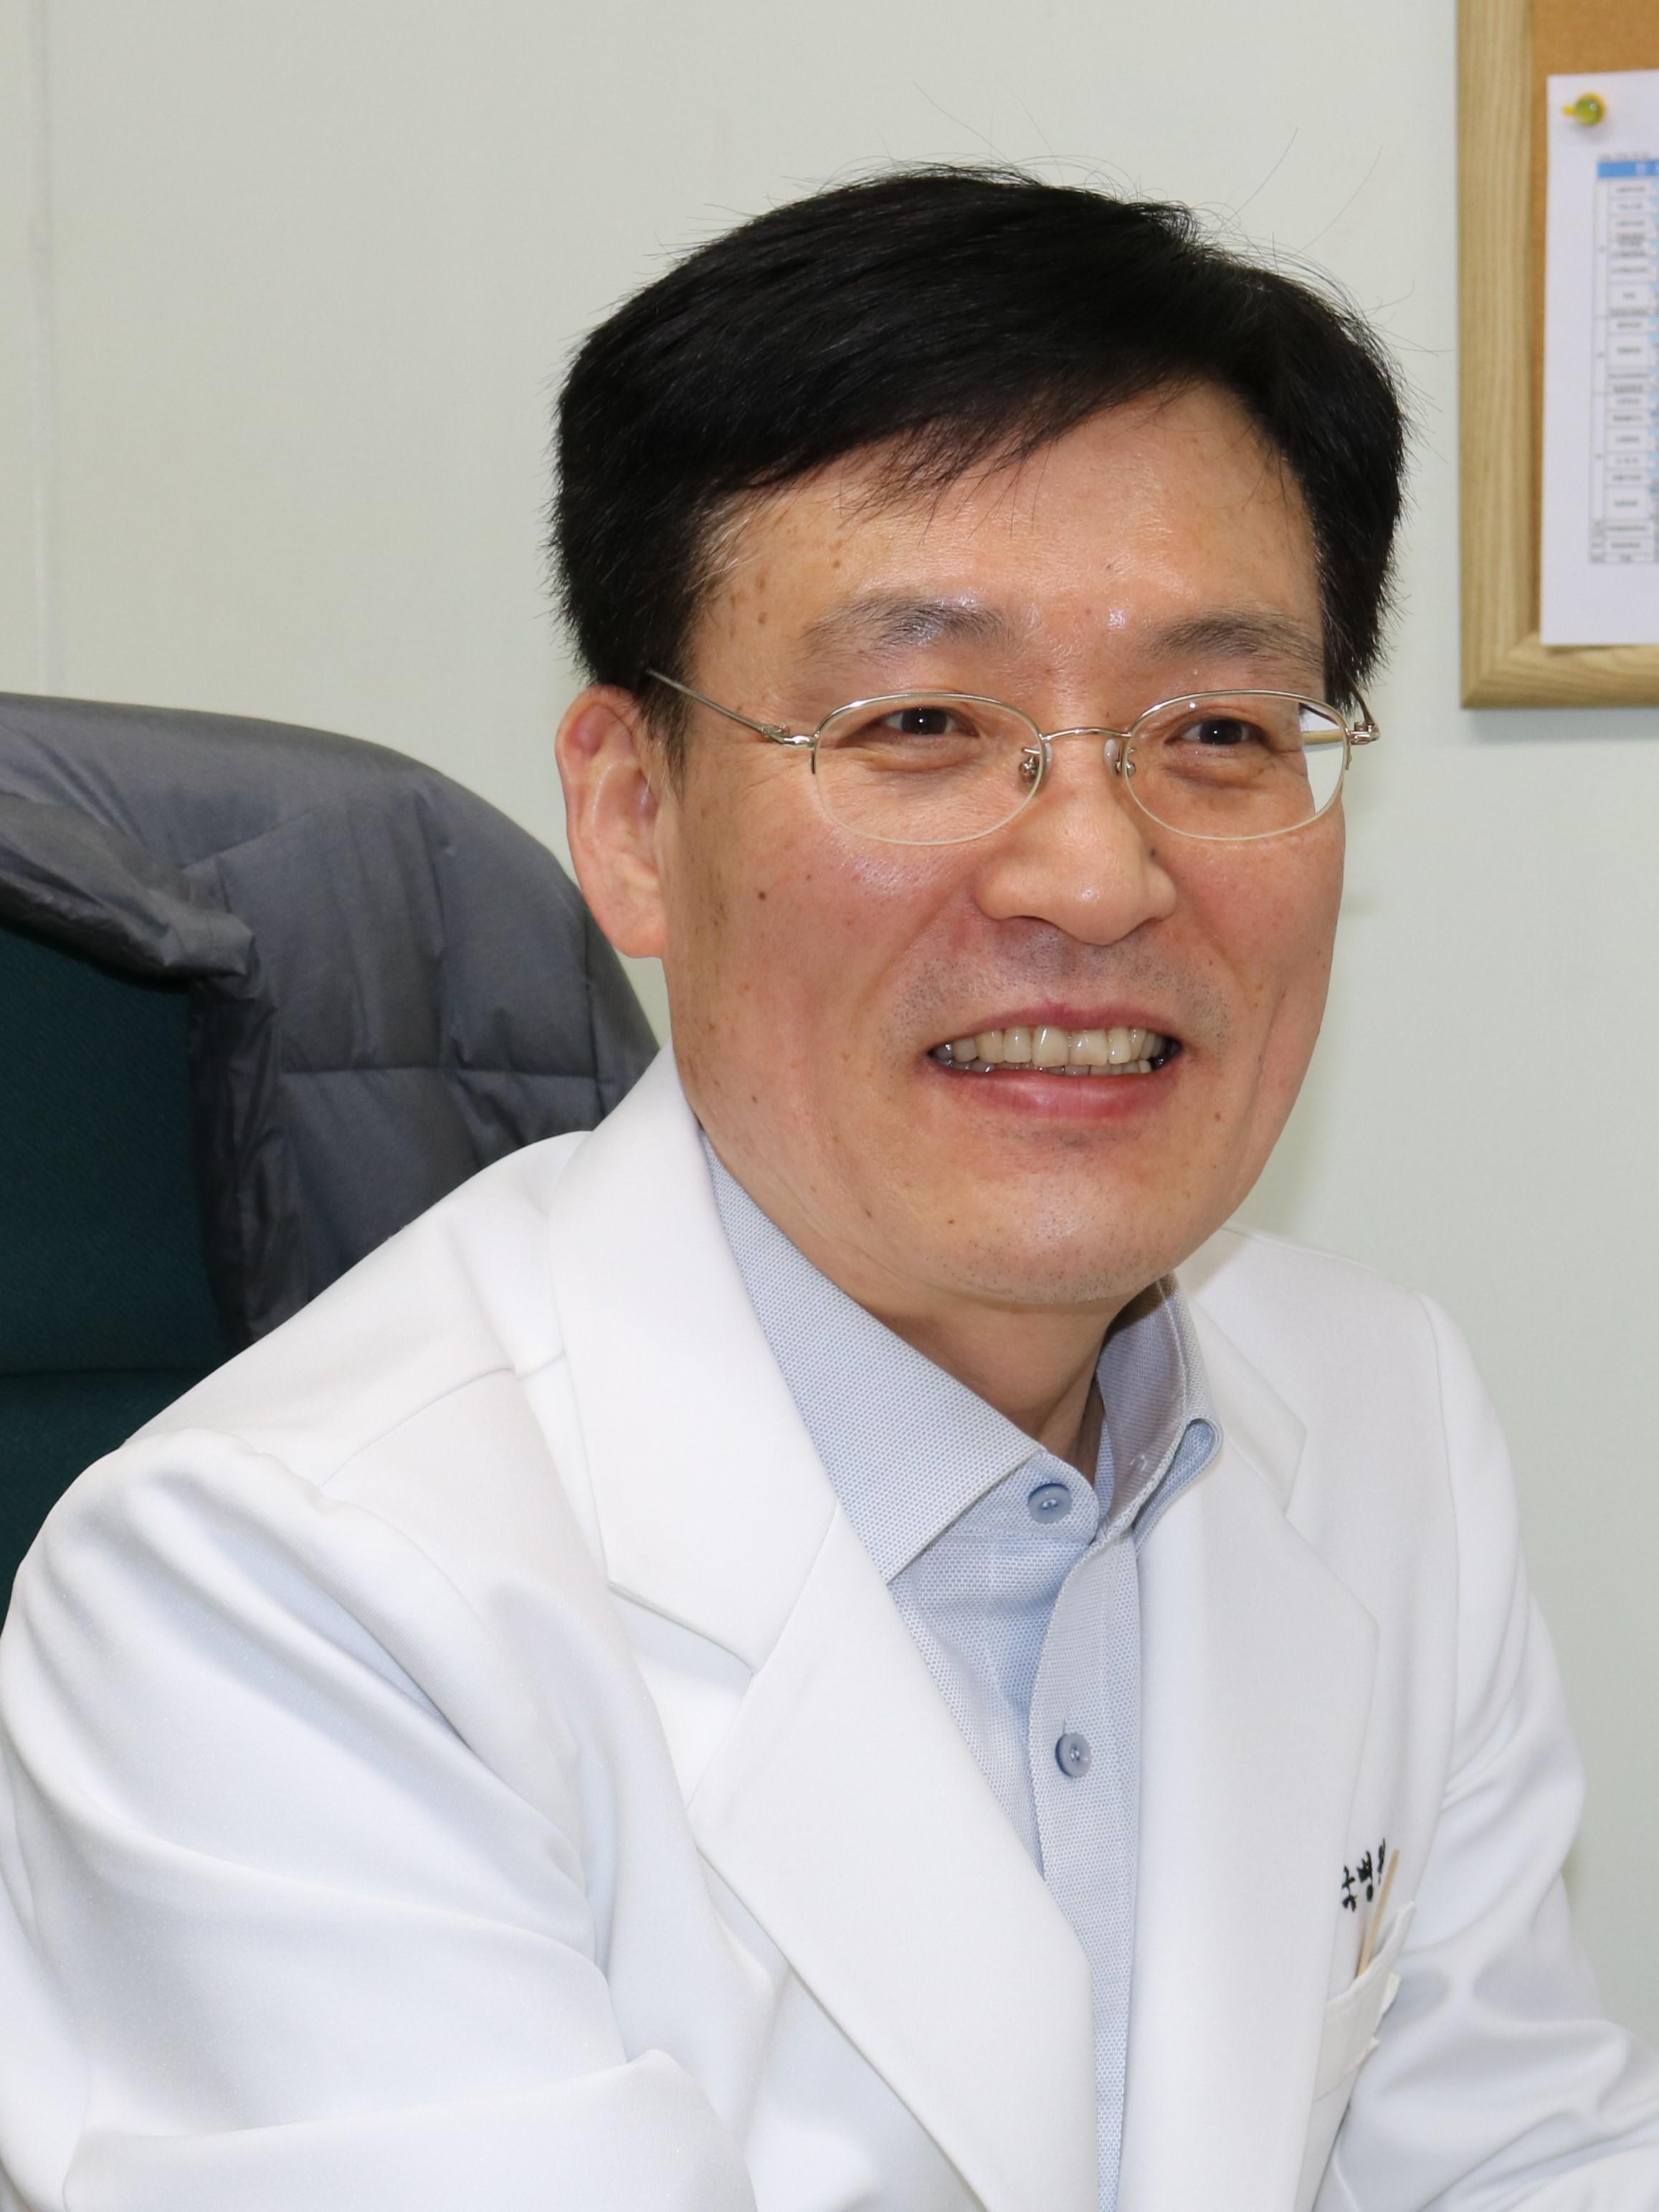 대전한국병원 신경과 오건세 과장